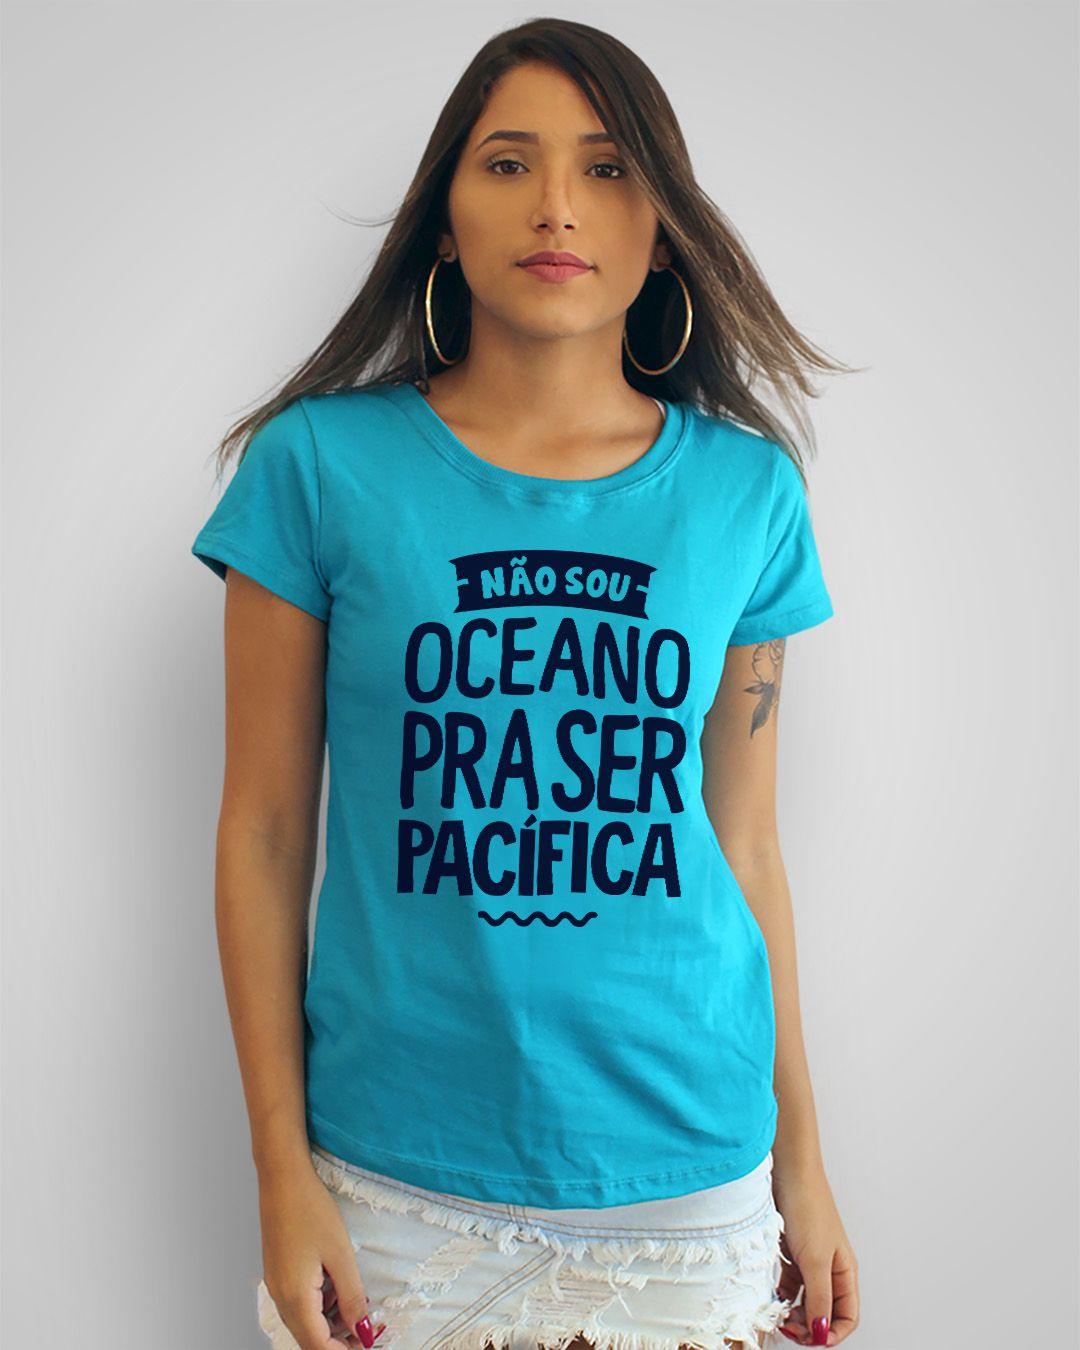 Camiseta Não sou oceano pra ser pacífica